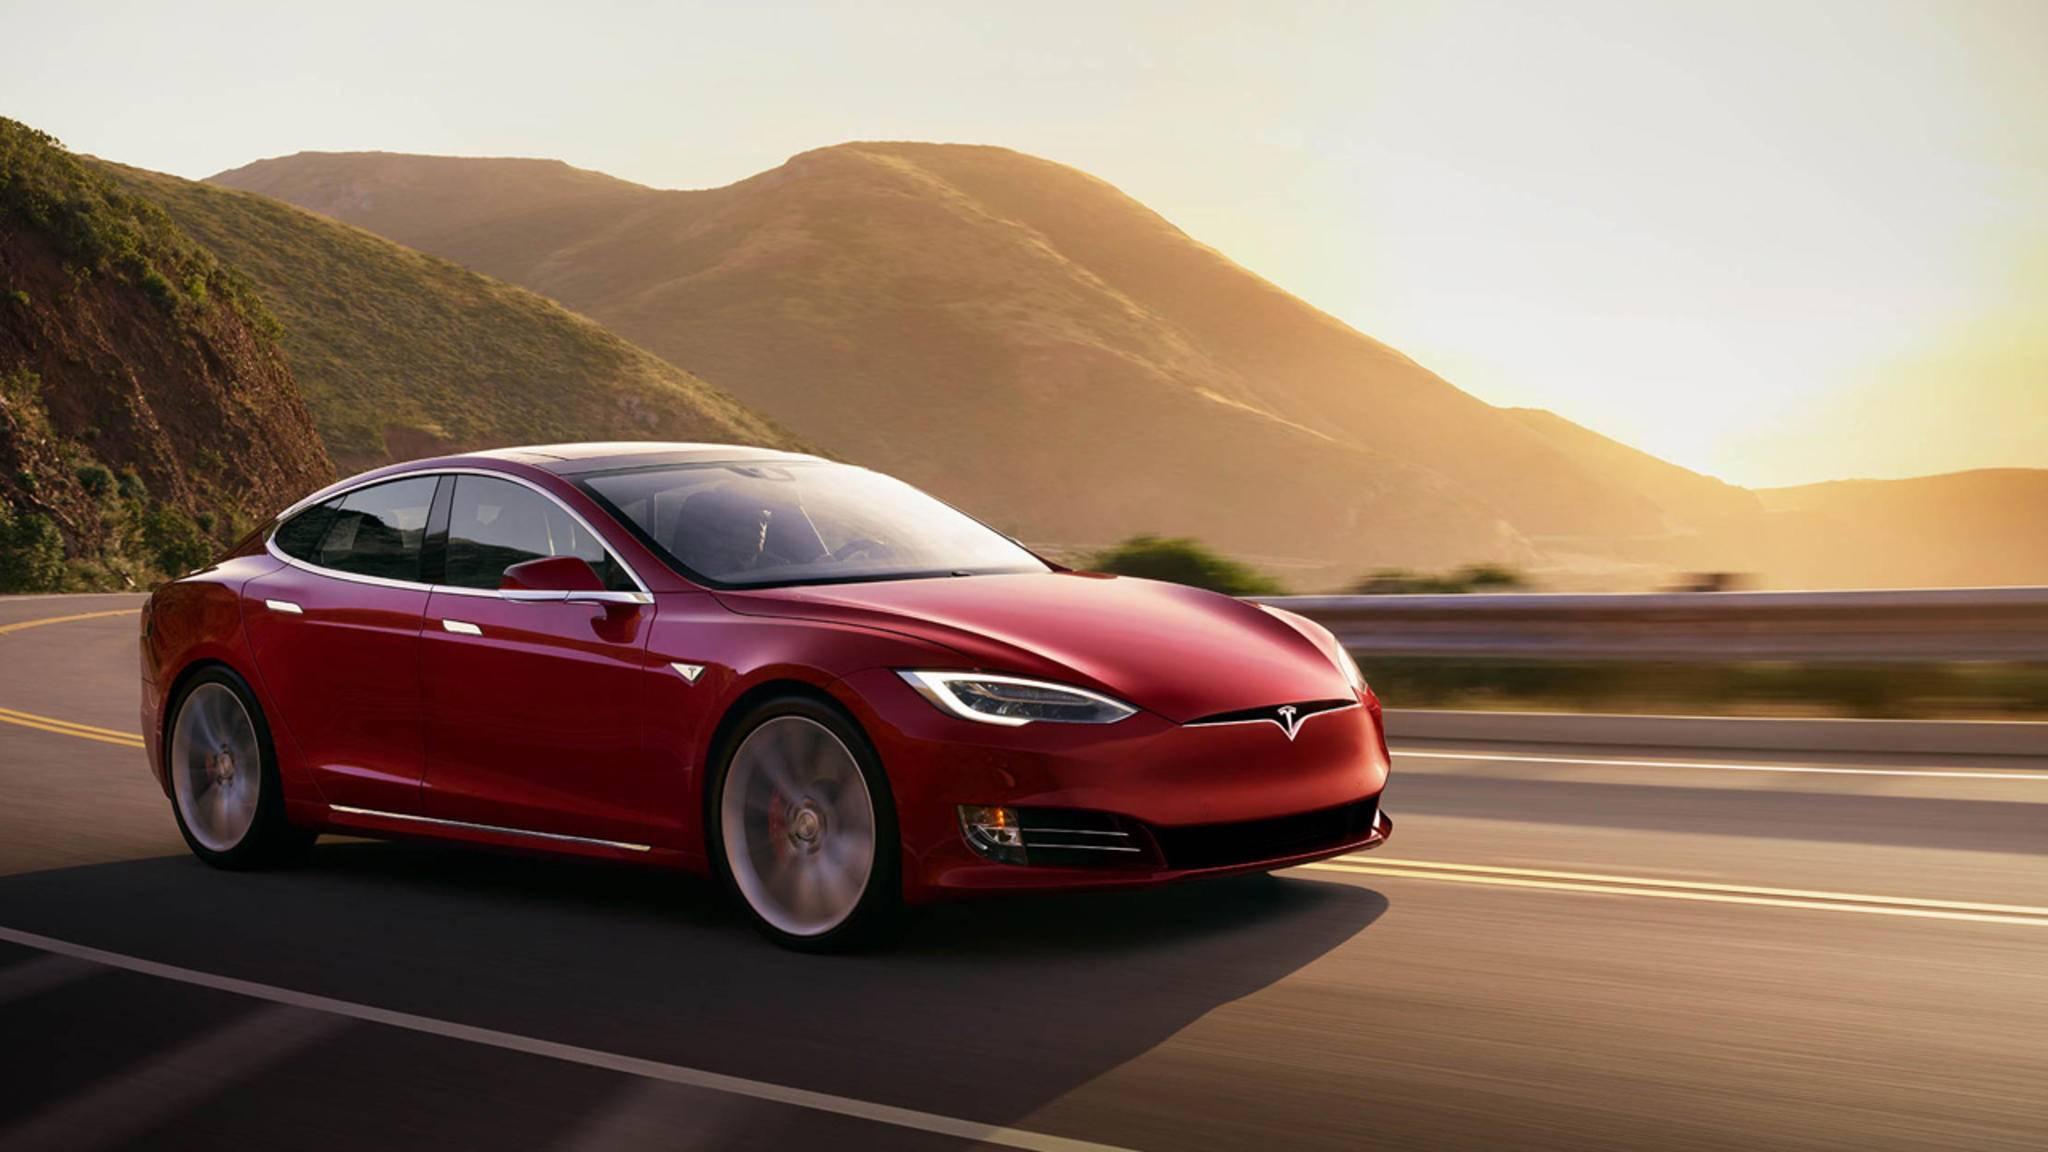 Für viele der Inbegriff eines Luxus-E-Autos: der Tesla Model S.